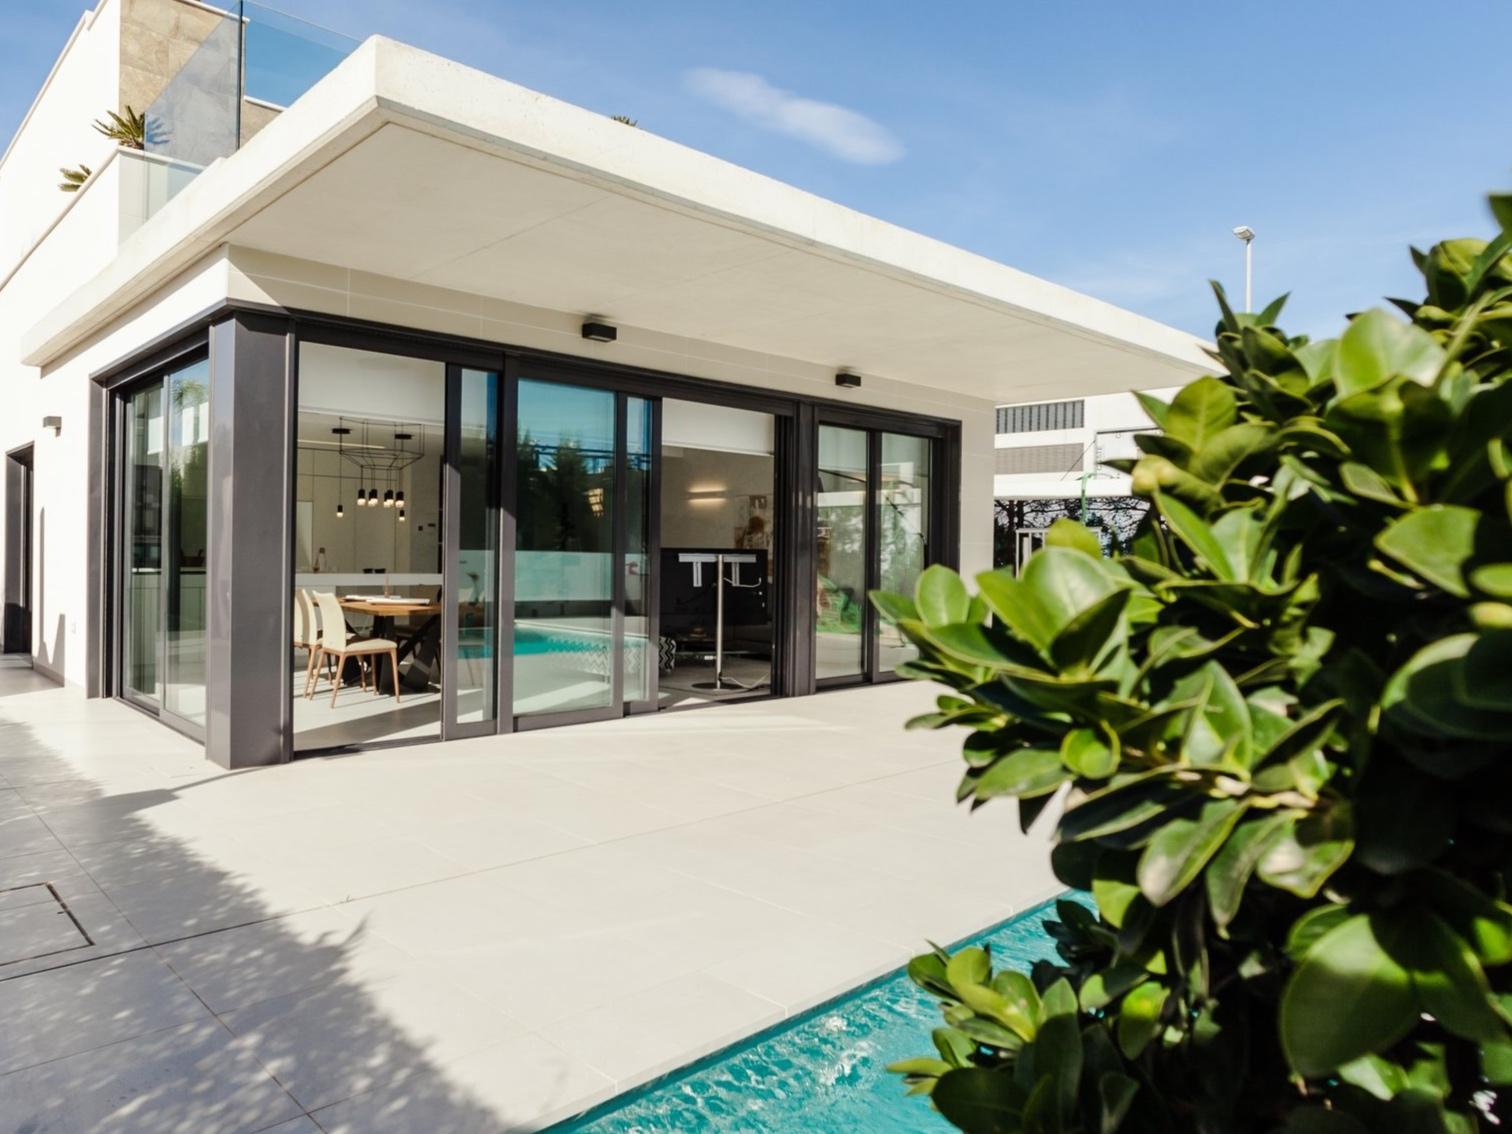 Facility Management - Wir kümmern uns während Ihrer Abwesenheit um Haus, Pool und Garten. Wir koordinieren auch Renovierungs- und Umbauarbeiten.